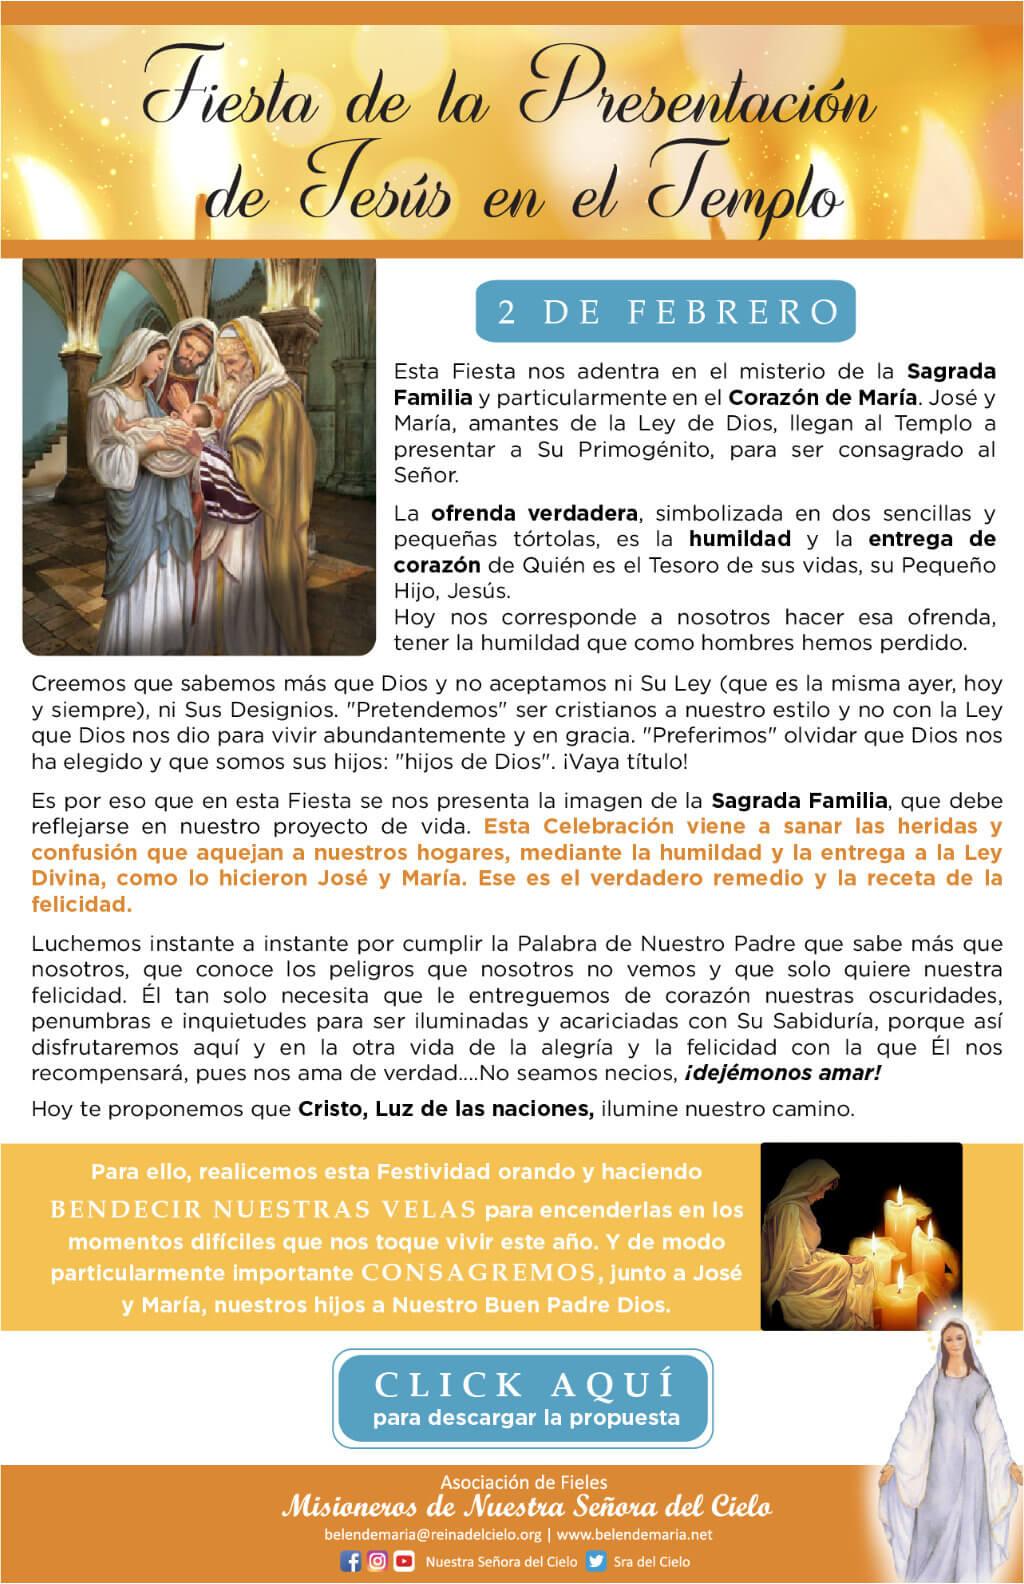 Fiesta de la Candelaria Jesús en el templo